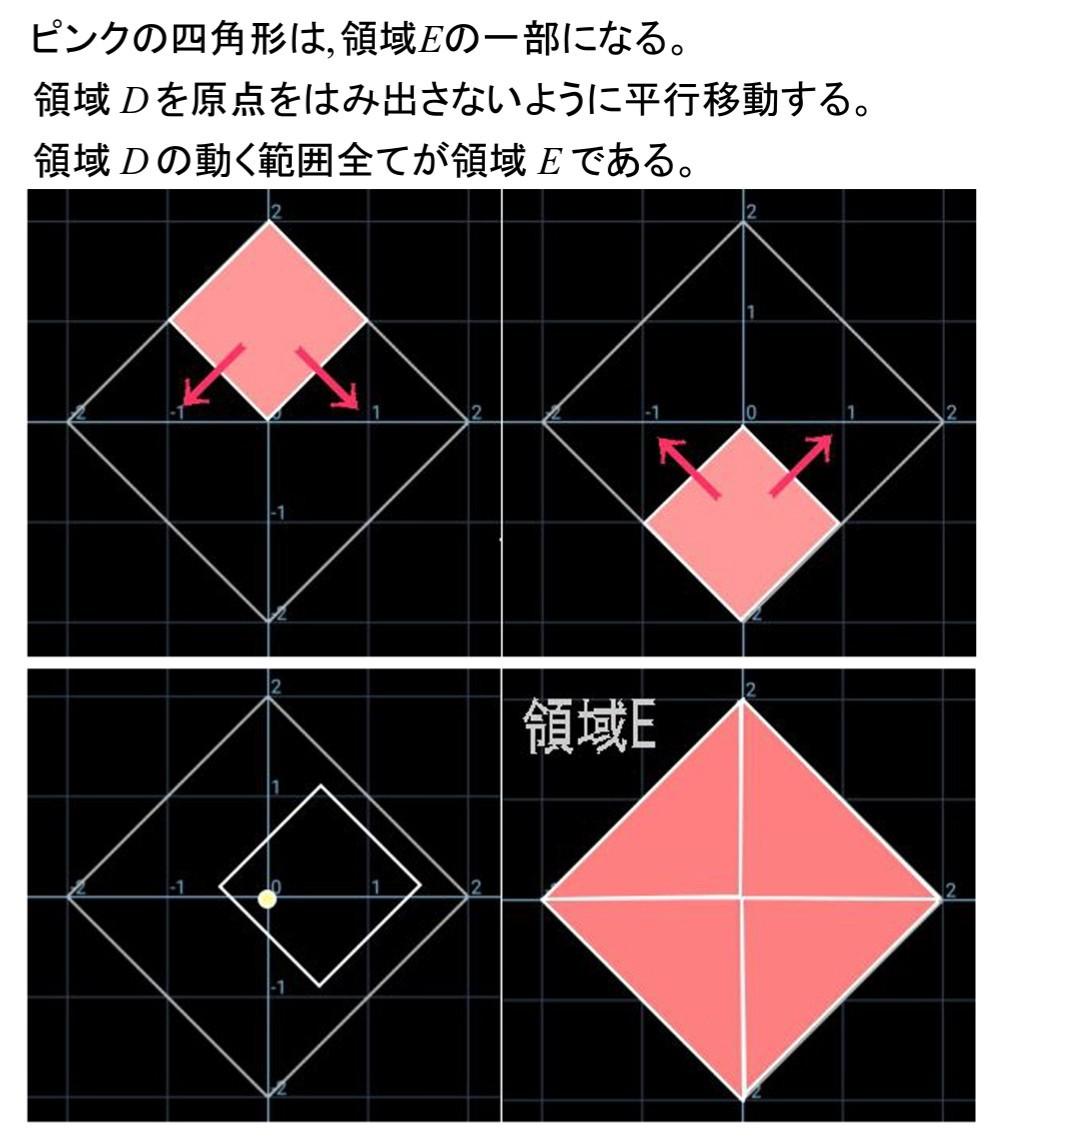 b0368745_07320113.jpg